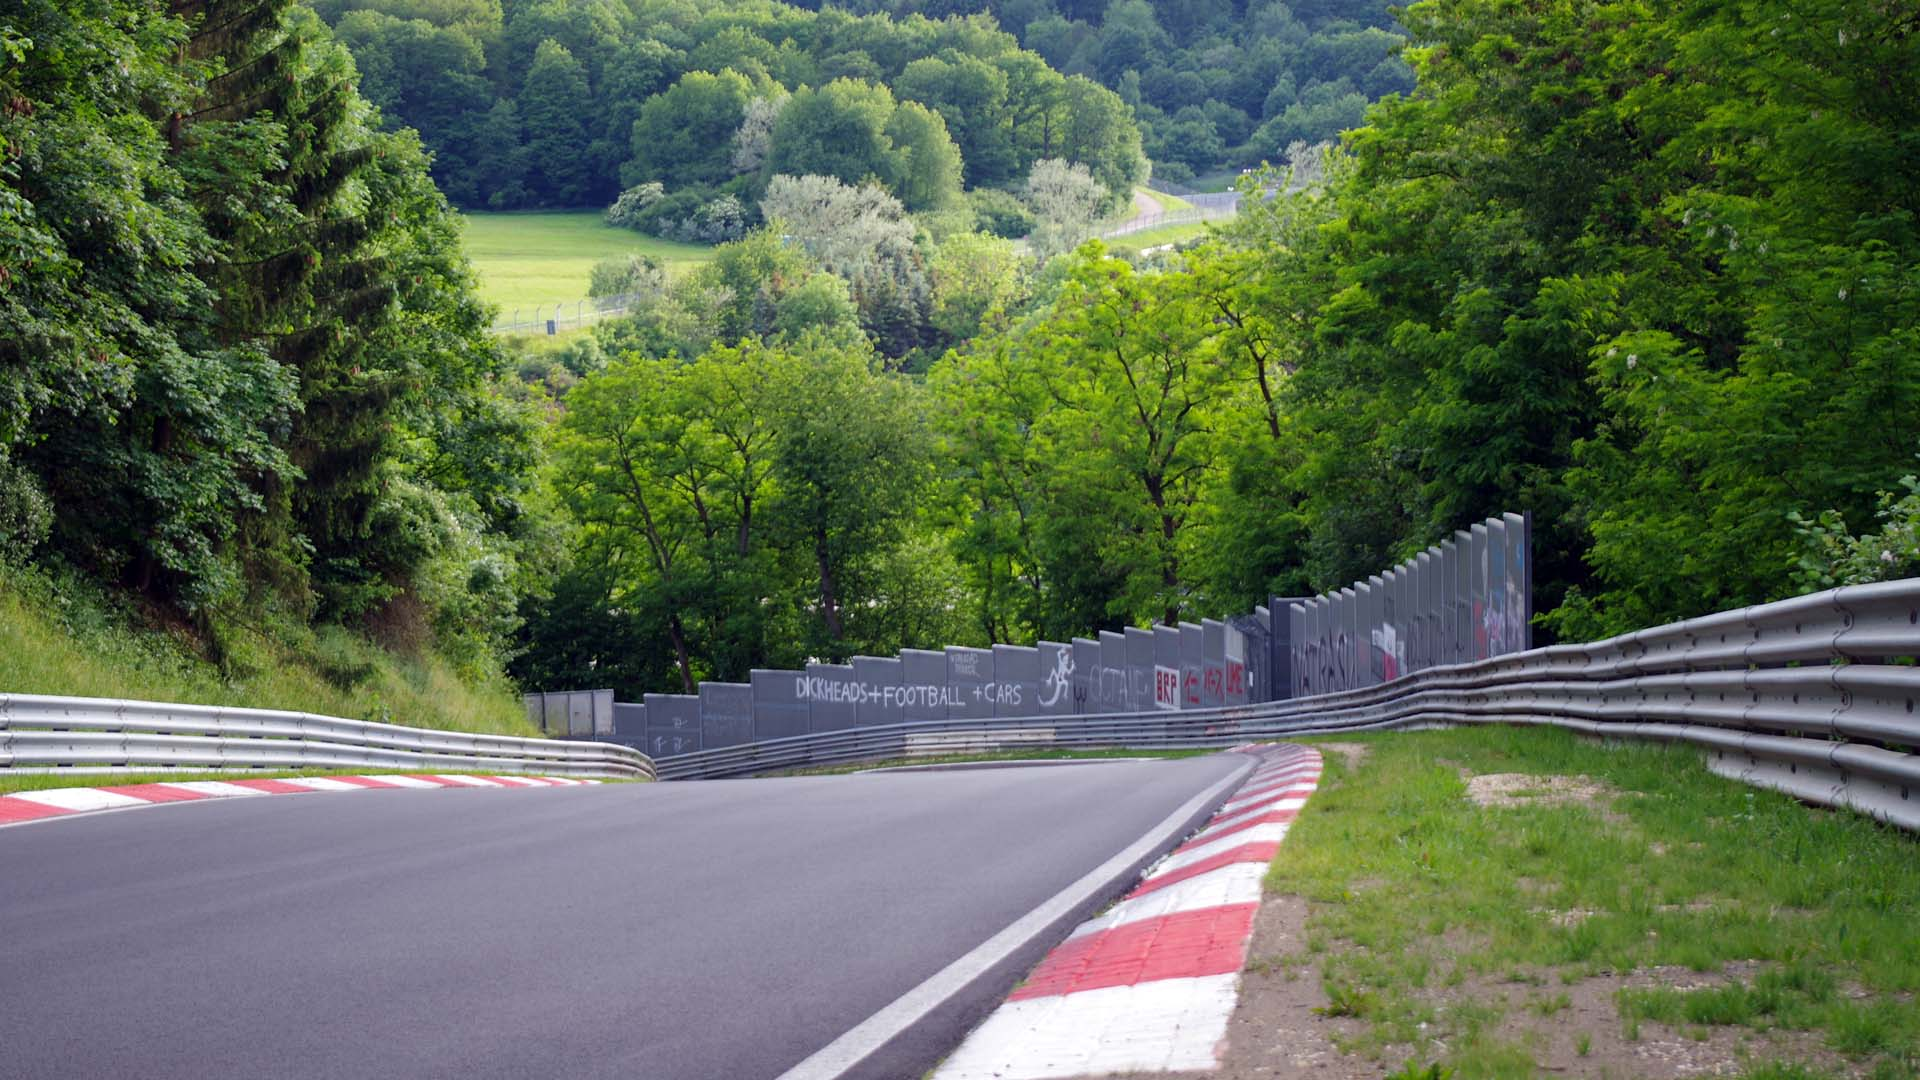 Nurburgring 3